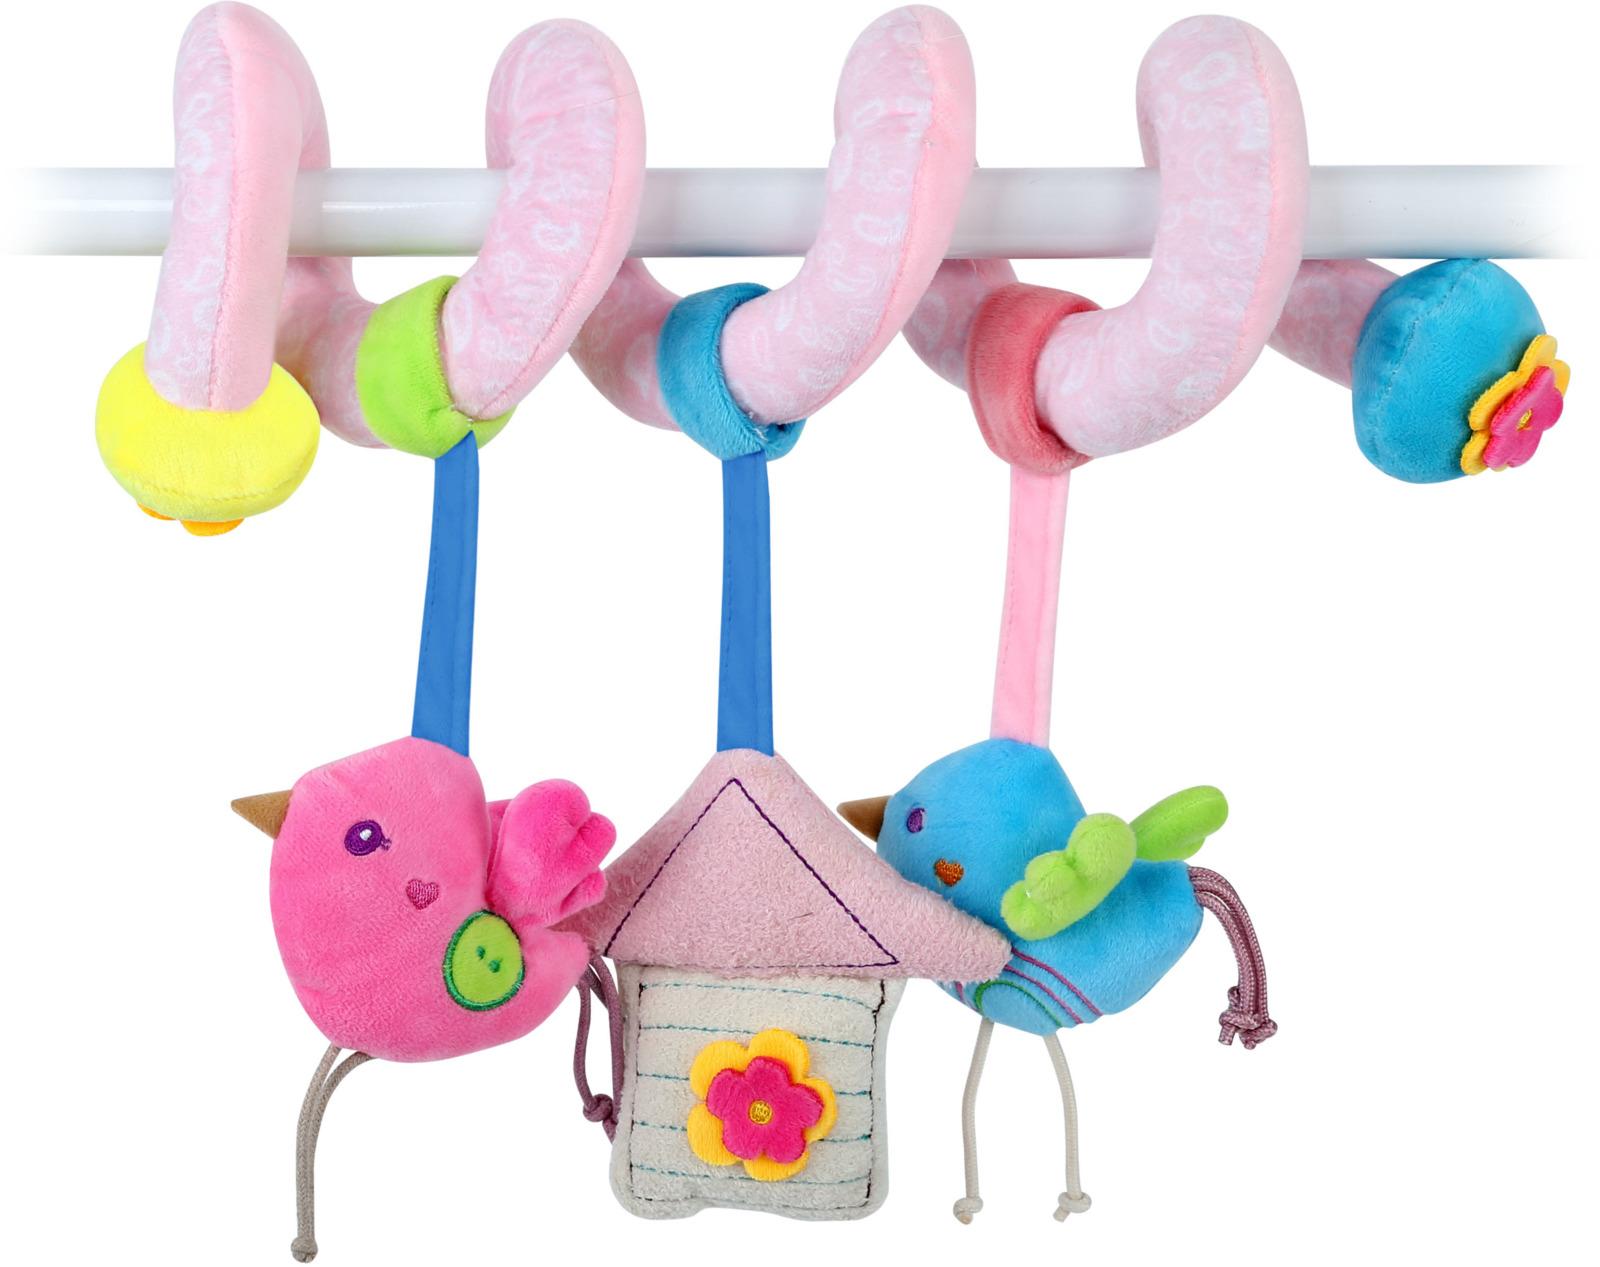 Развивающая игрушка спираль Lorelli Toys Милый дом. 10191210001 развивающая игрушка lorelli toys обними меня мартышка 10191260001